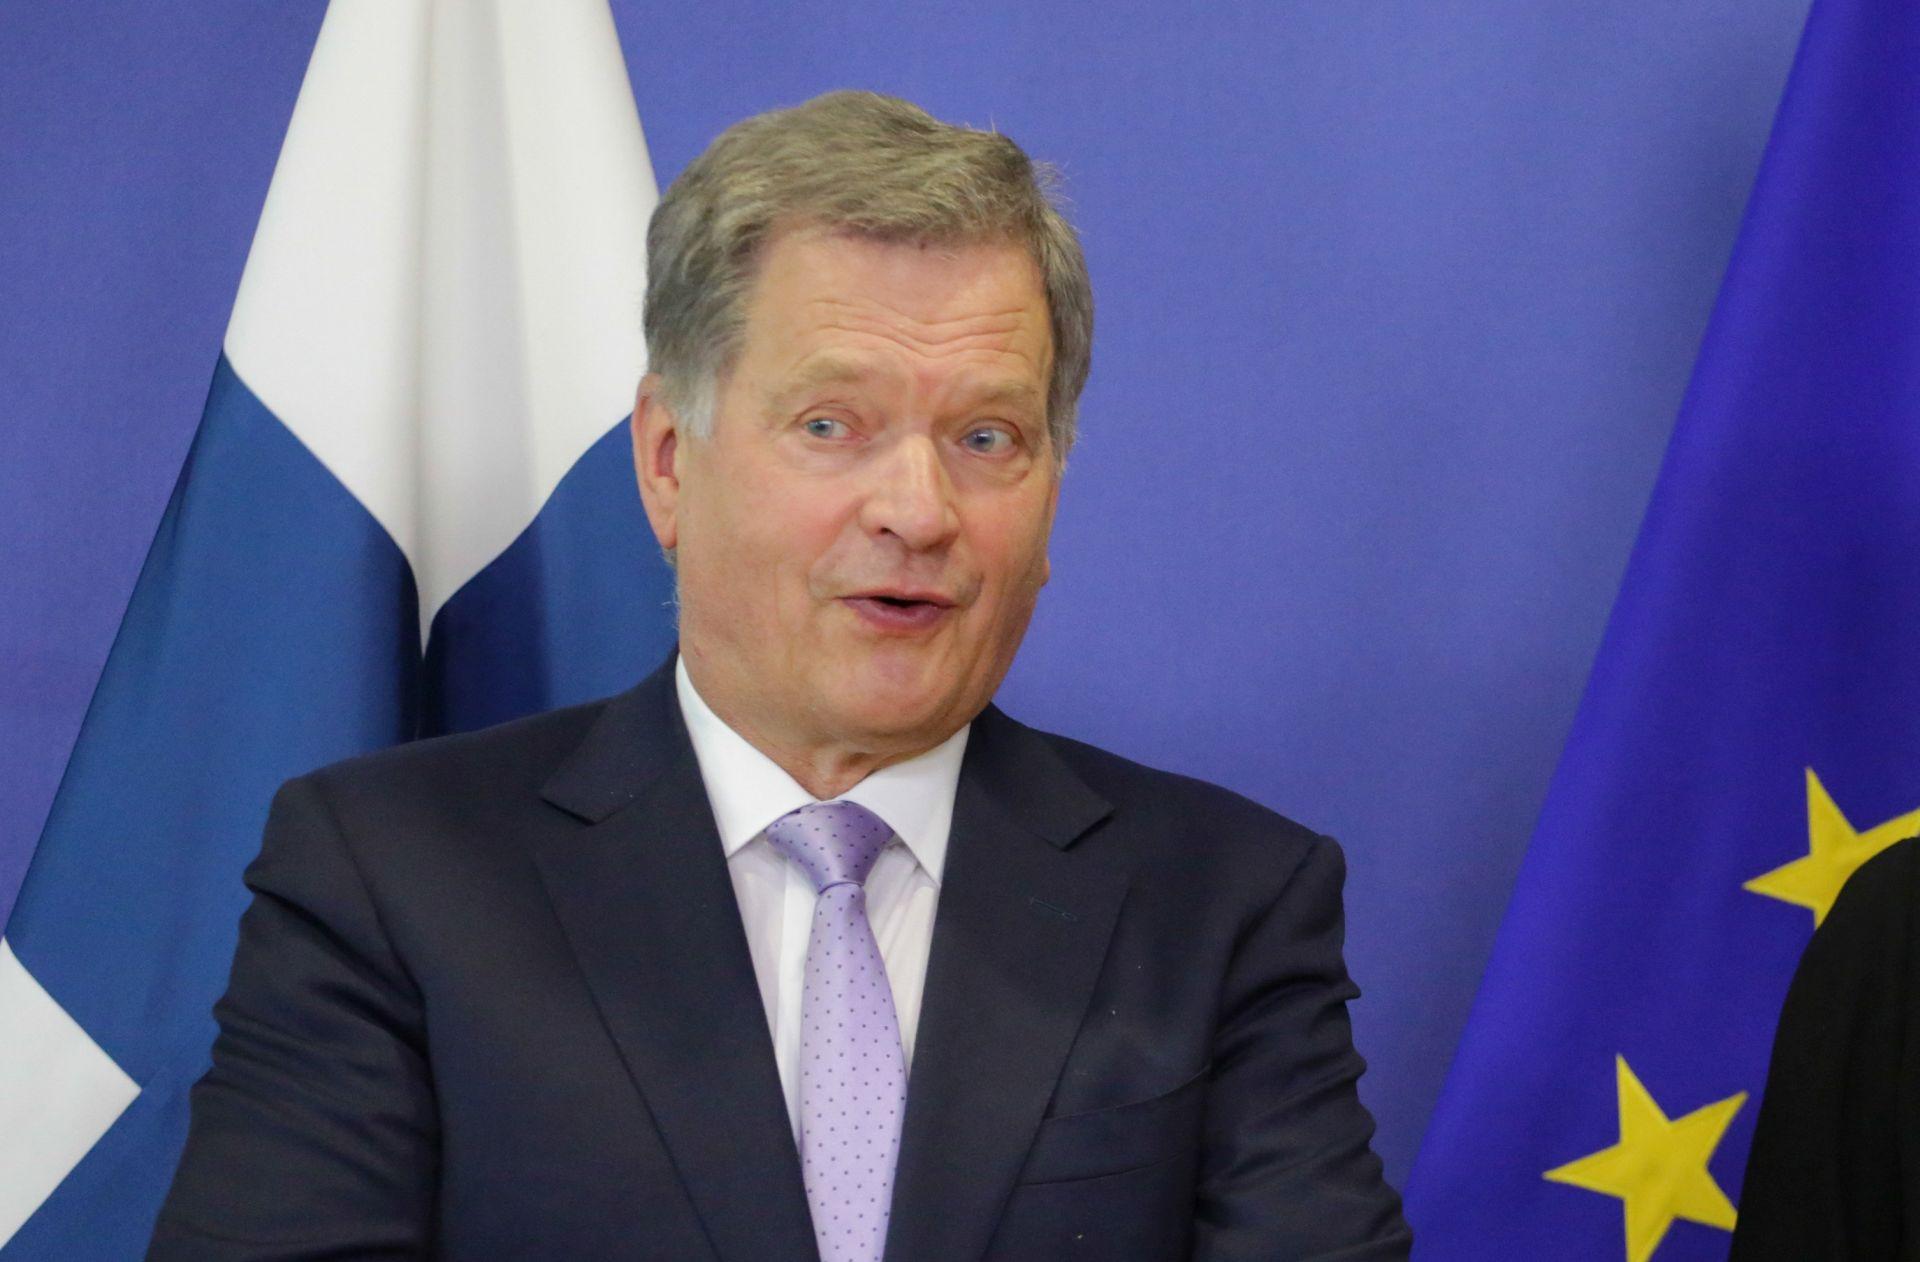 Finski predsjednik sutra dolazi u službeni posjet Hrvatskoj